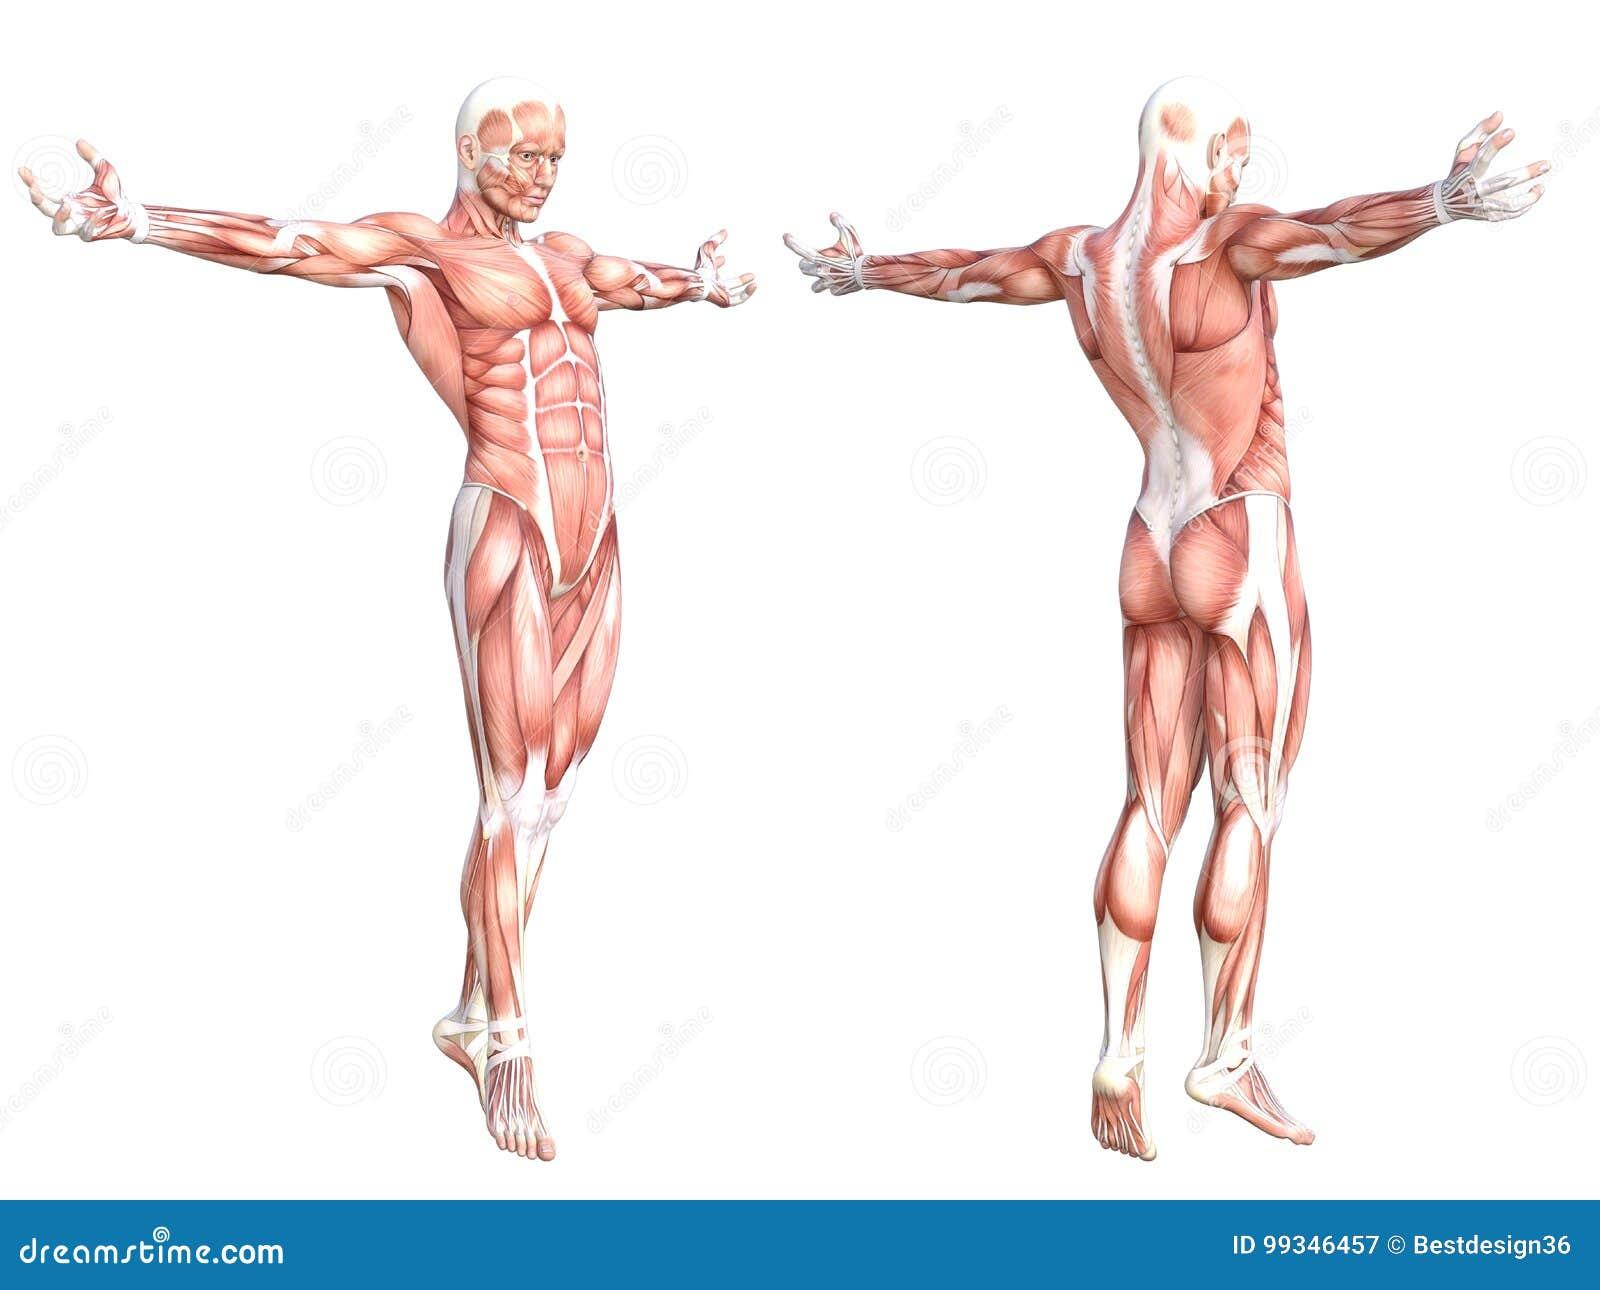 Gesunder Hautloser Muskel Des Menschlichen Körpers Der Anatomie ...